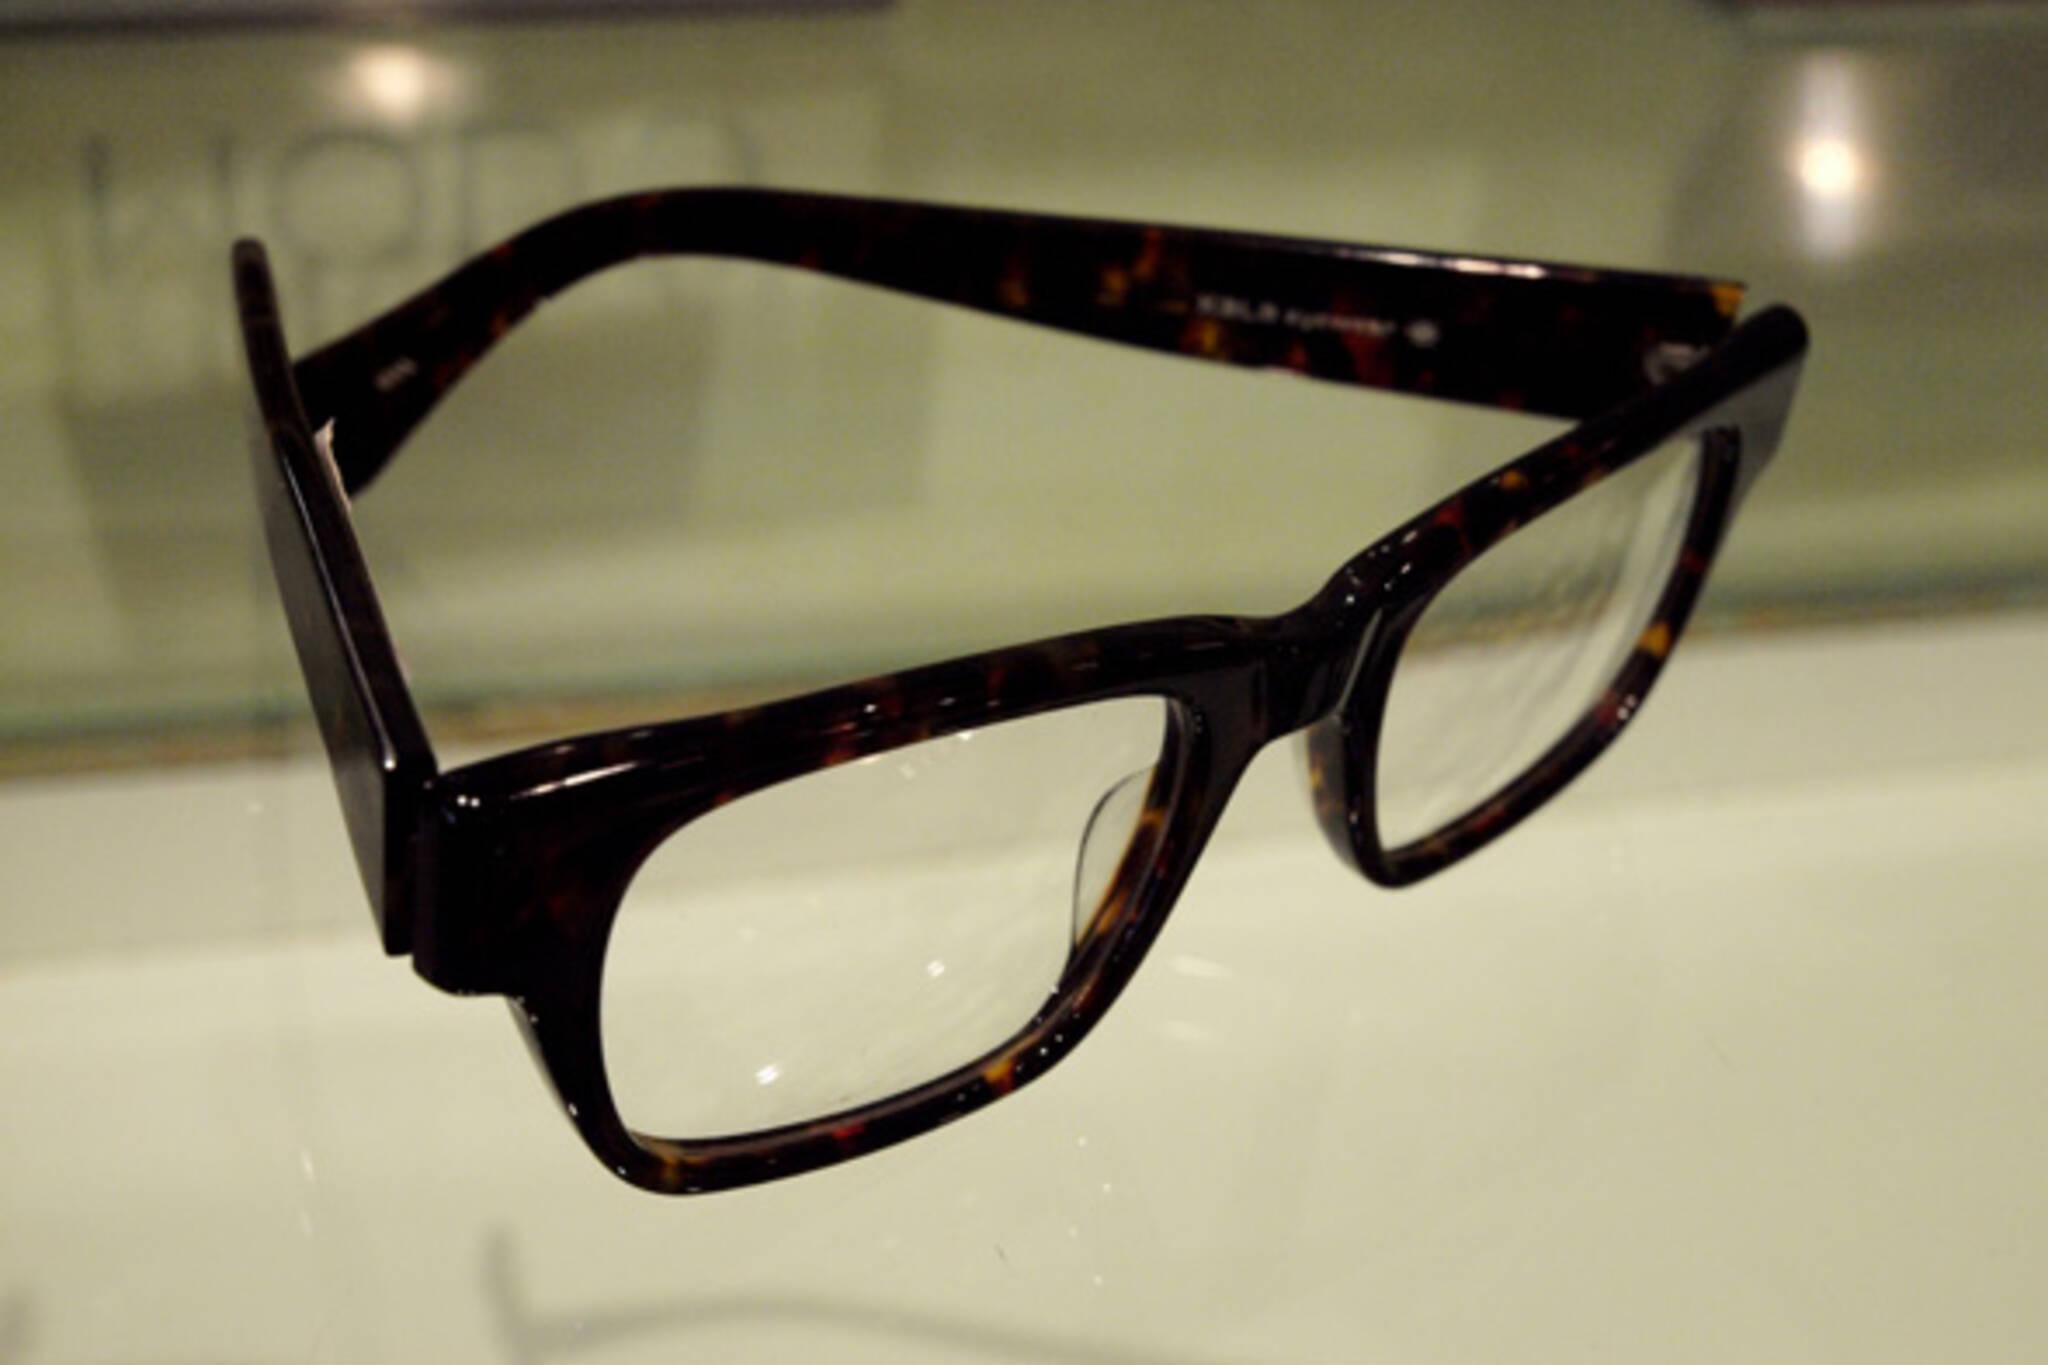 Specs & Specs